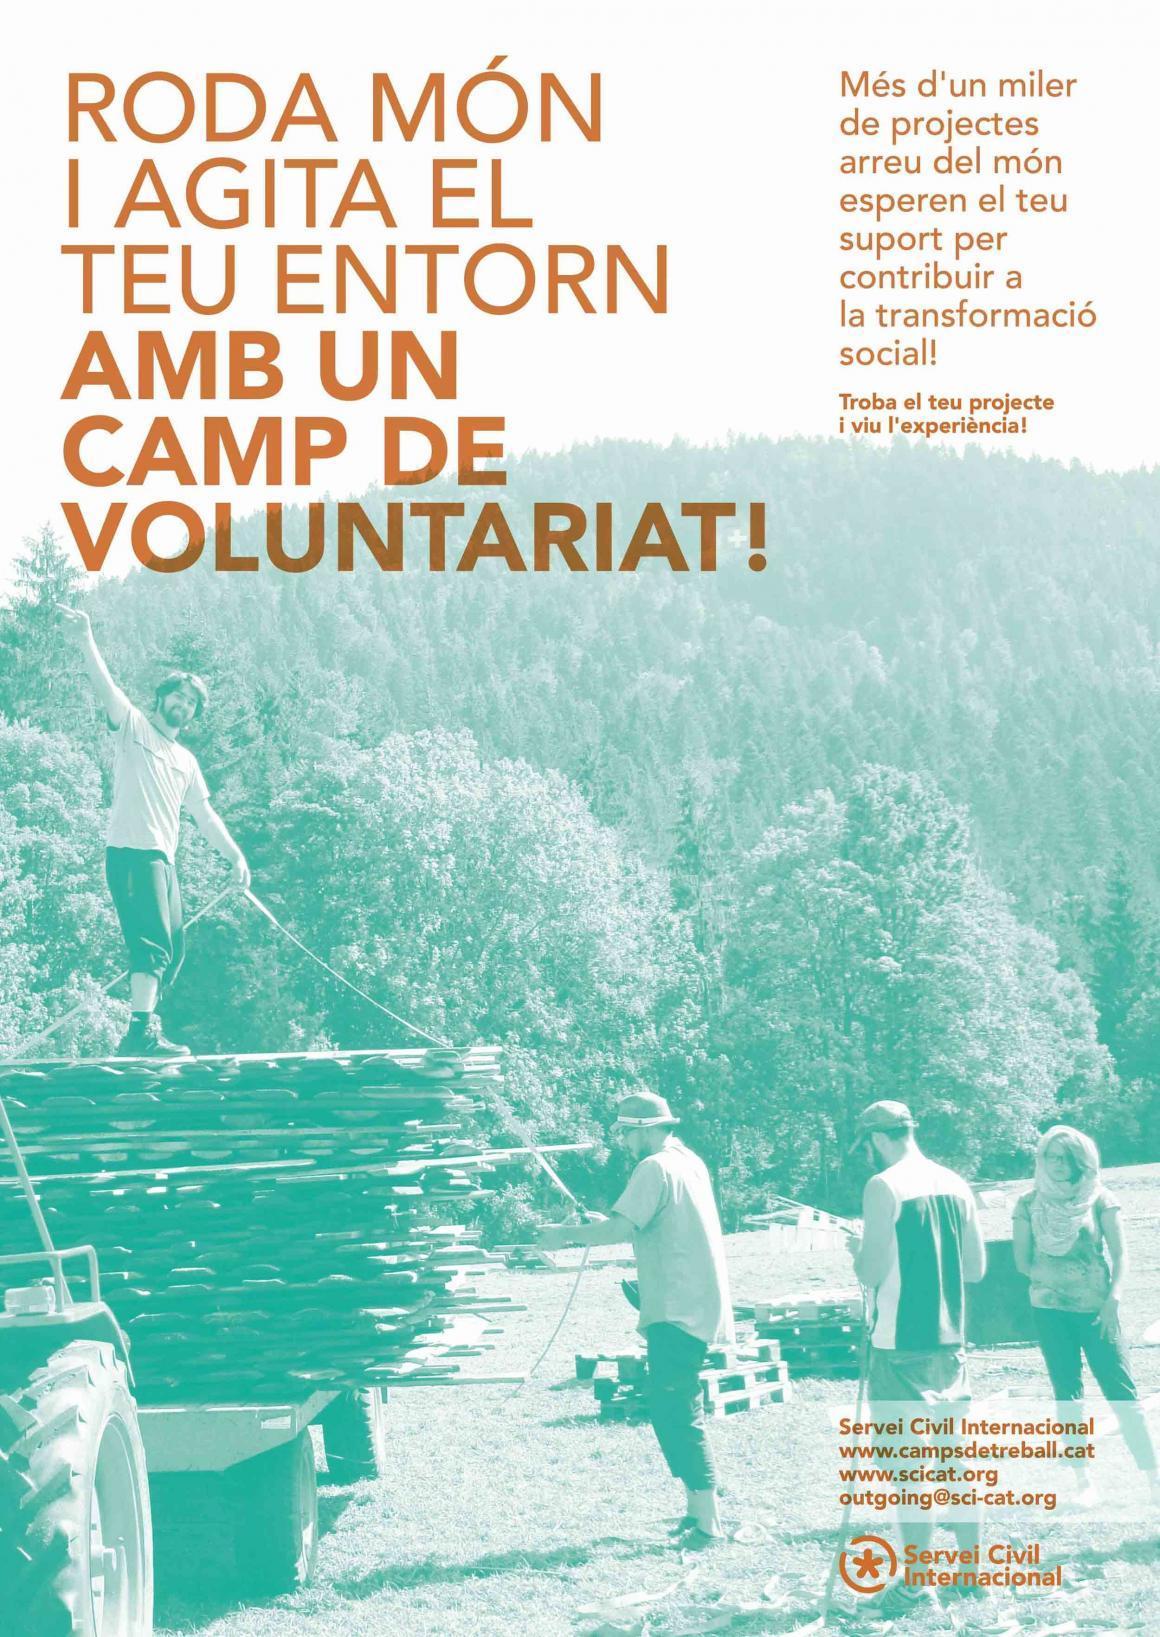 Roda món i agita el teu entorn amb un camp de voluntariat aquest estiu!